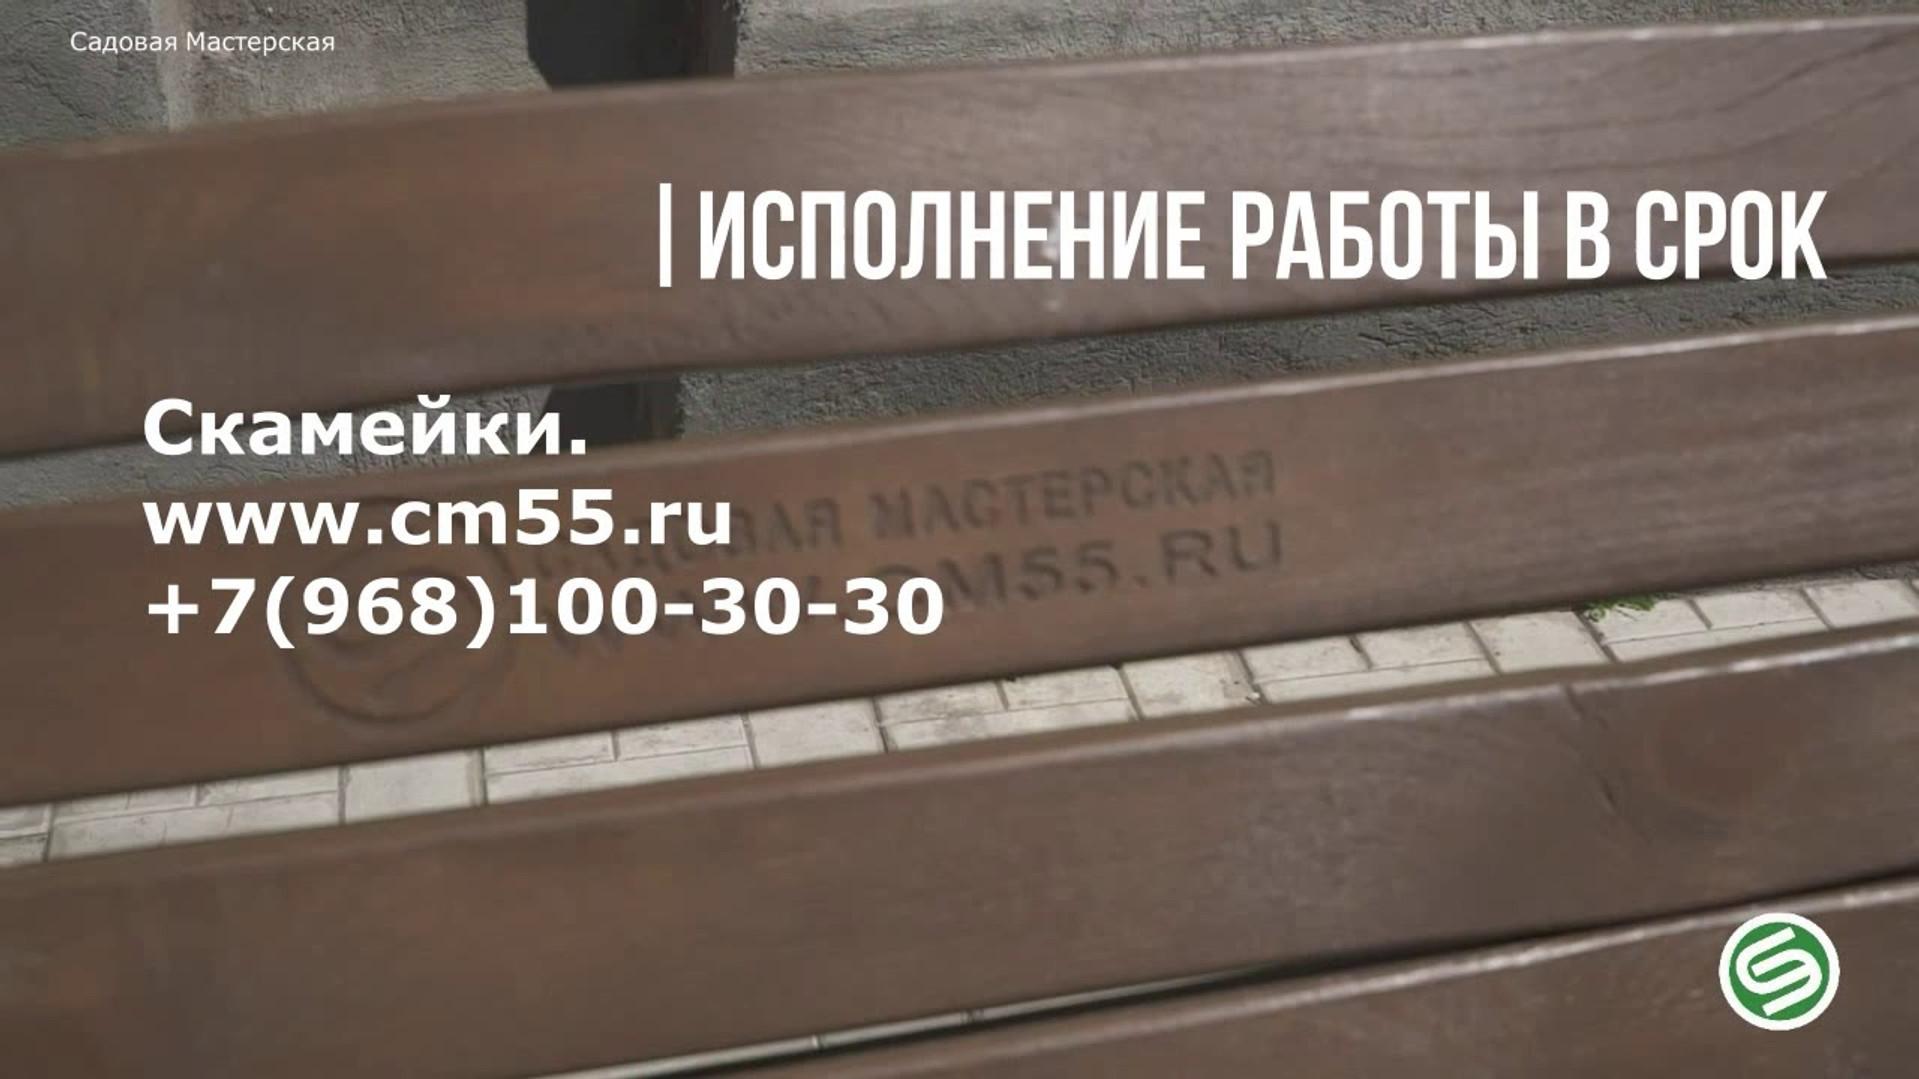 Скамейки в Омске